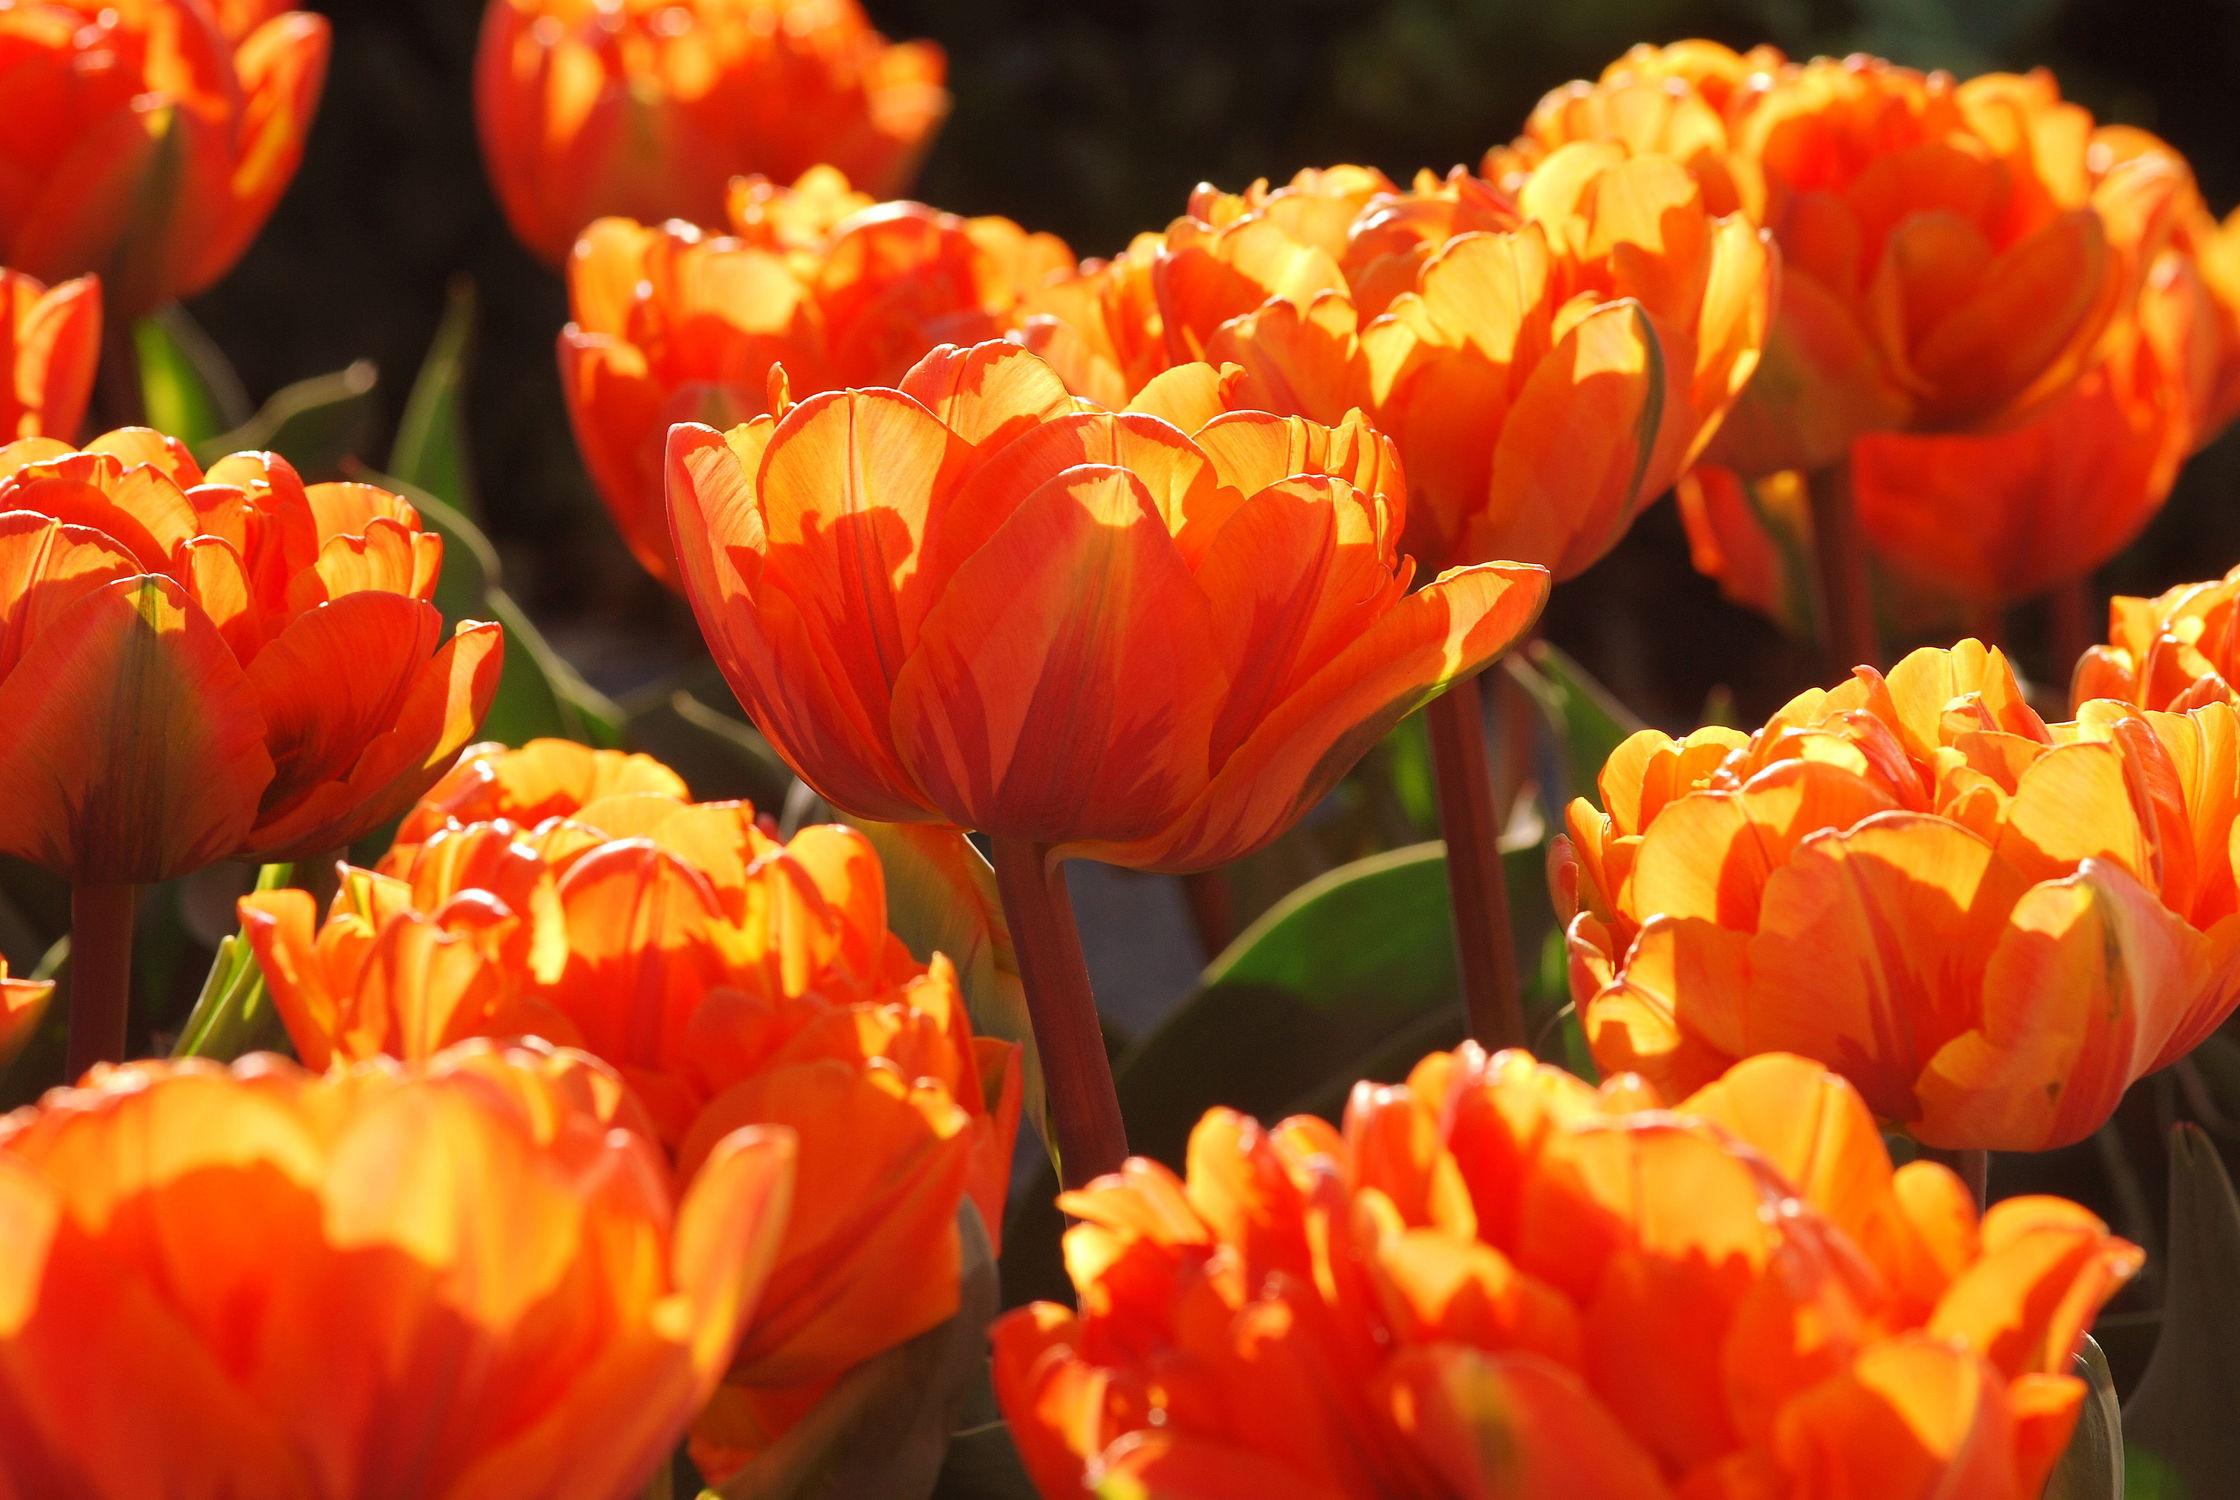 Bild mit Orange, Gelb, Frühling, Rot, Tulpe, Tulips, Tulpen, Tulip, orangerot, intensiv, farbenfroh, leuchtend, tulpenpracht, tulpenbeet, frühblüher, frühjahr